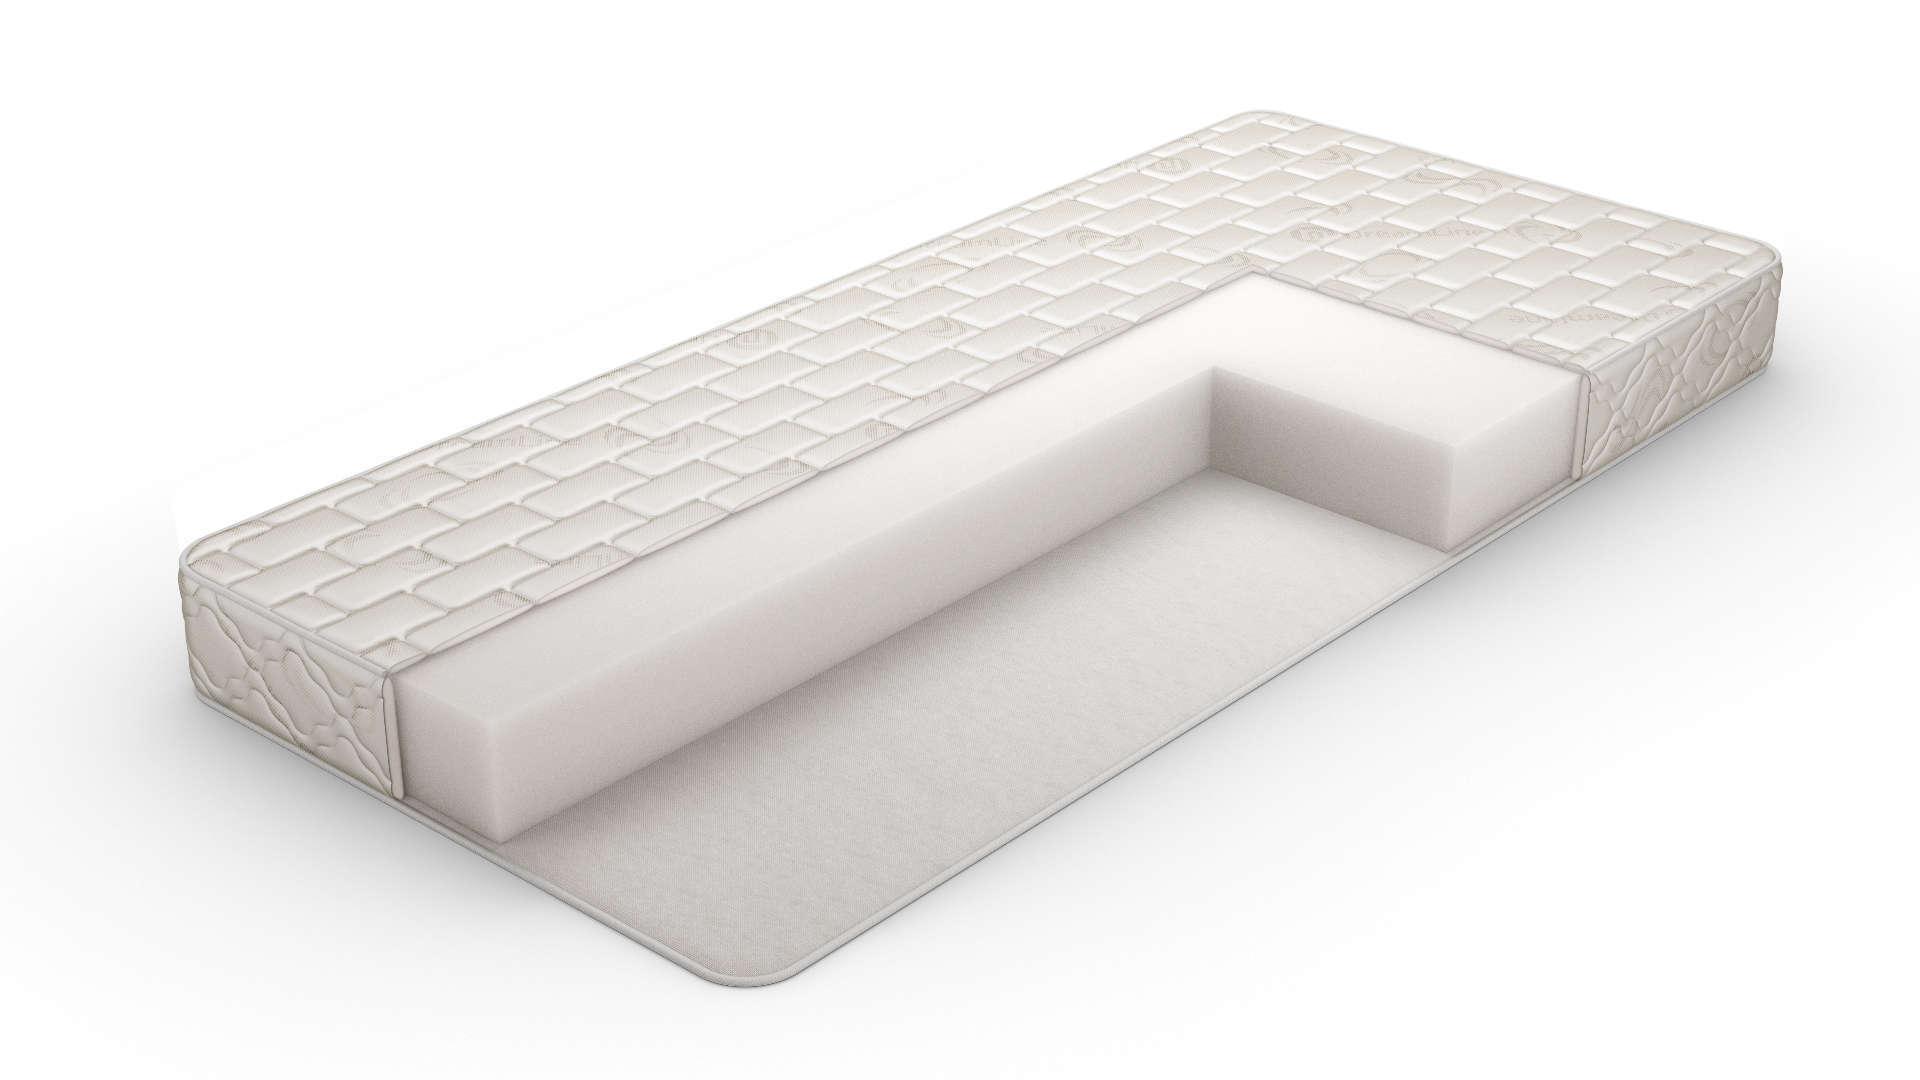 Пенополиуретановый матрас белого цвета